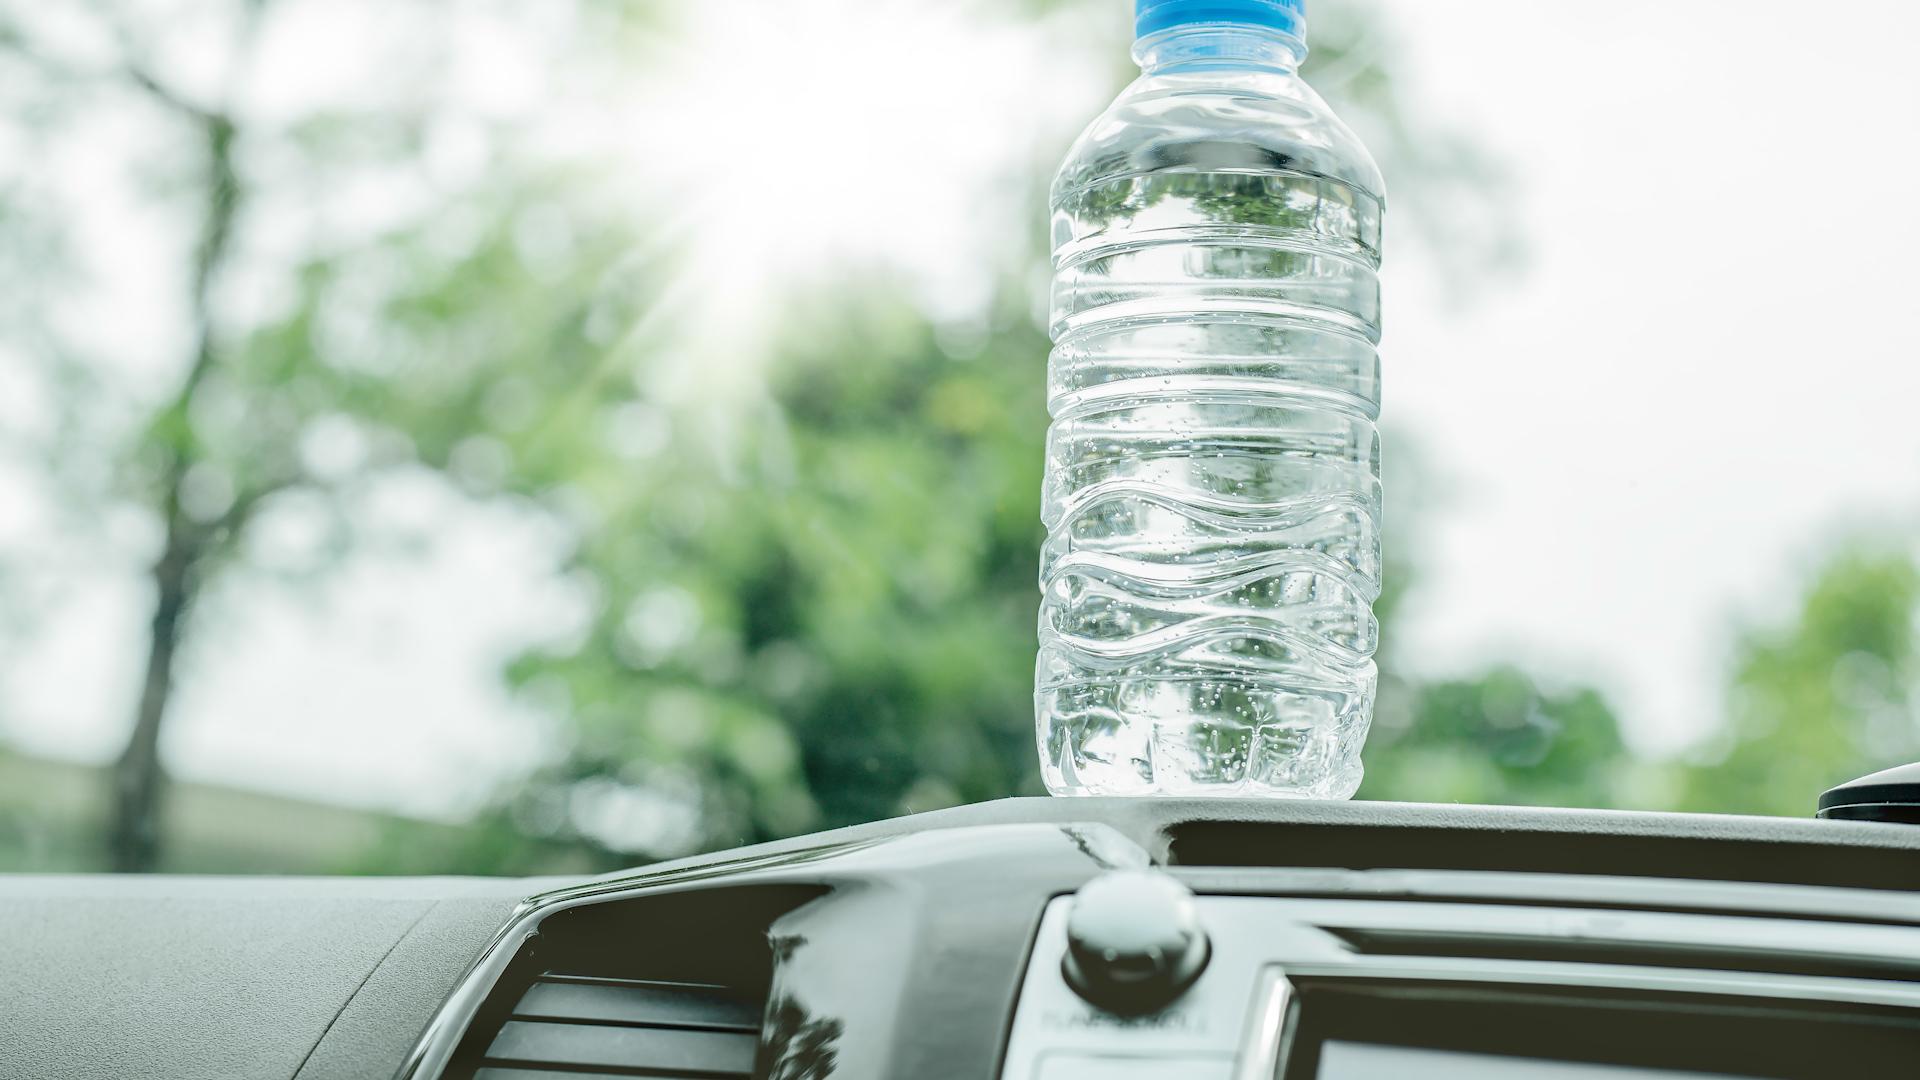 W upały nigdy nie zostawiaj wody w samochodzie